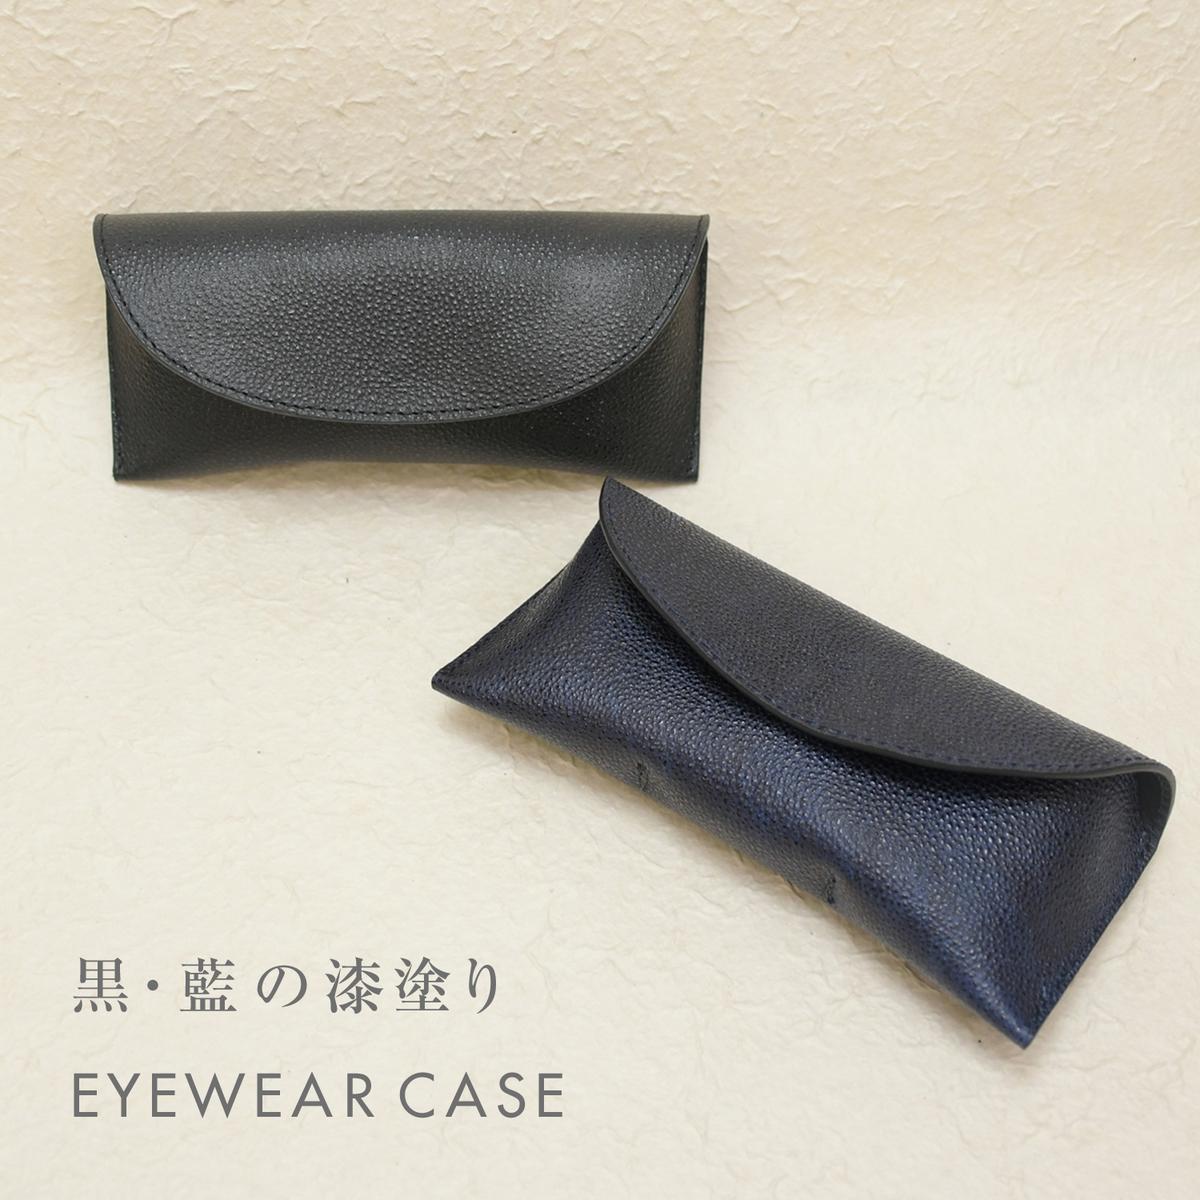 名入れ 黒桟革 藍染め 眼鏡ケース メガネケース めがね 刻印付き レザー 漆塗り 高級 ギフト プレゼント